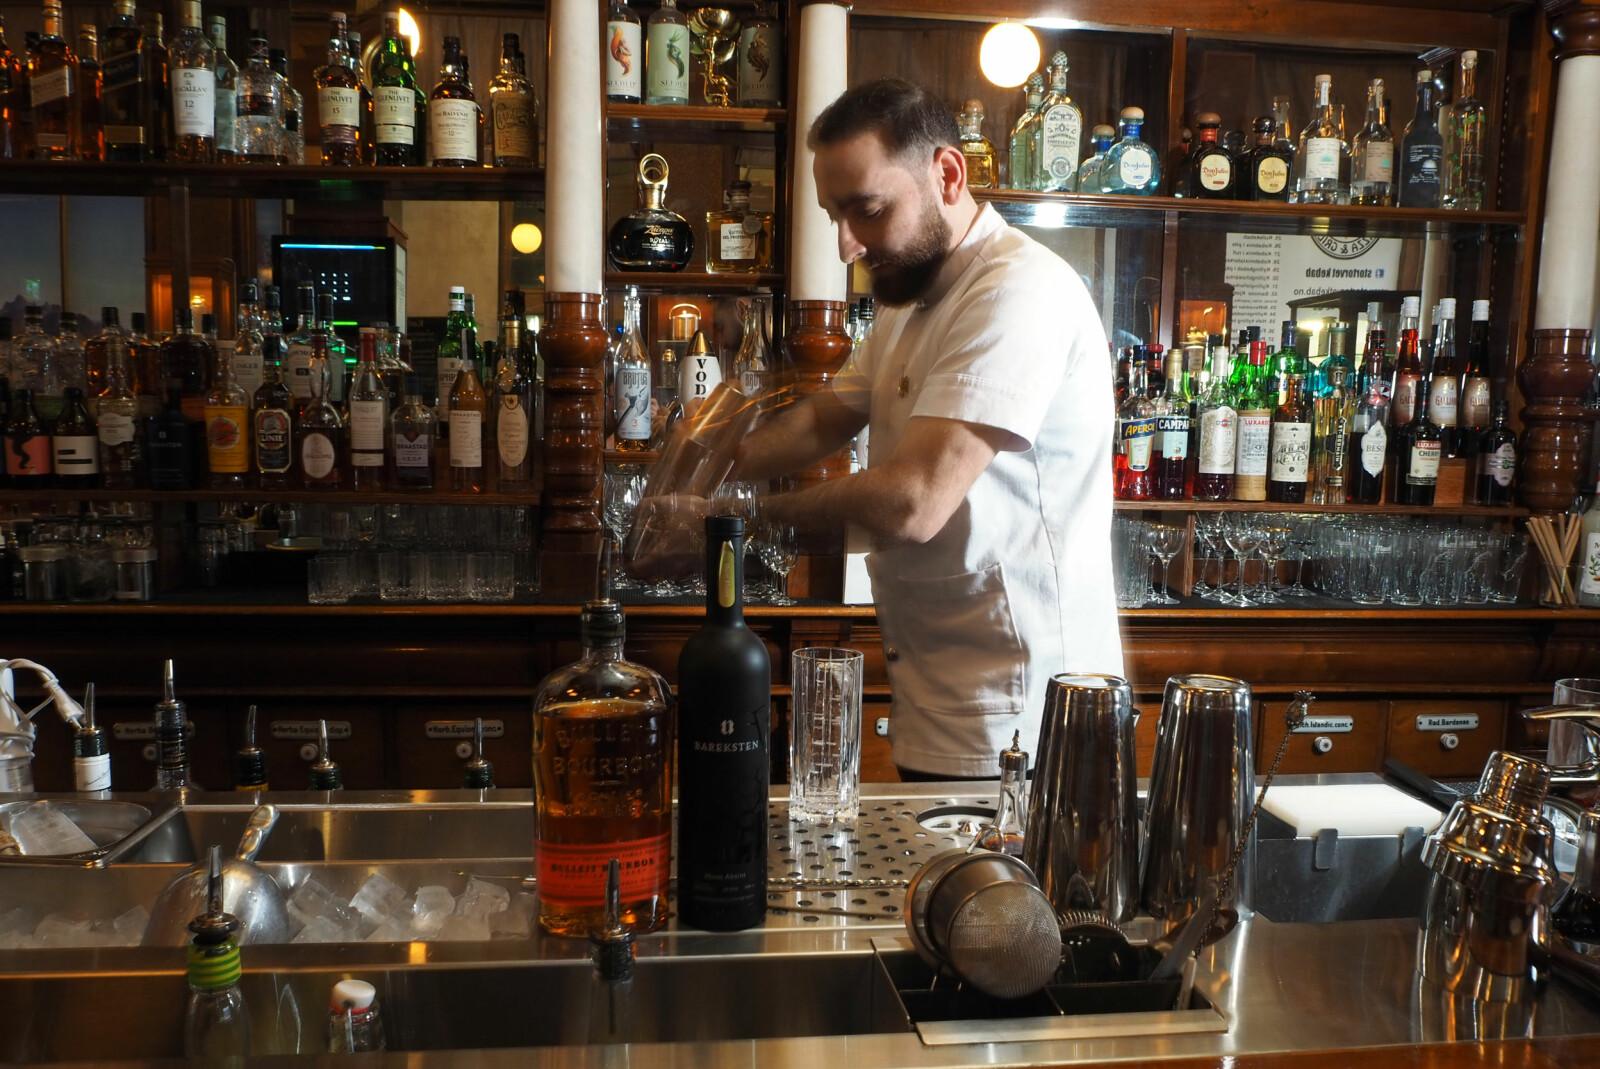 <b><SPAN CLASS=BOLD><STRONG>DRINKER FOR MENN:</b></strong></span> Bartender Yunus Yildiz har fartstid fra Himkok, som er kåret til verdens 19. beste bar. Nå driver han Svanen/D.G.A på Karl Johan.